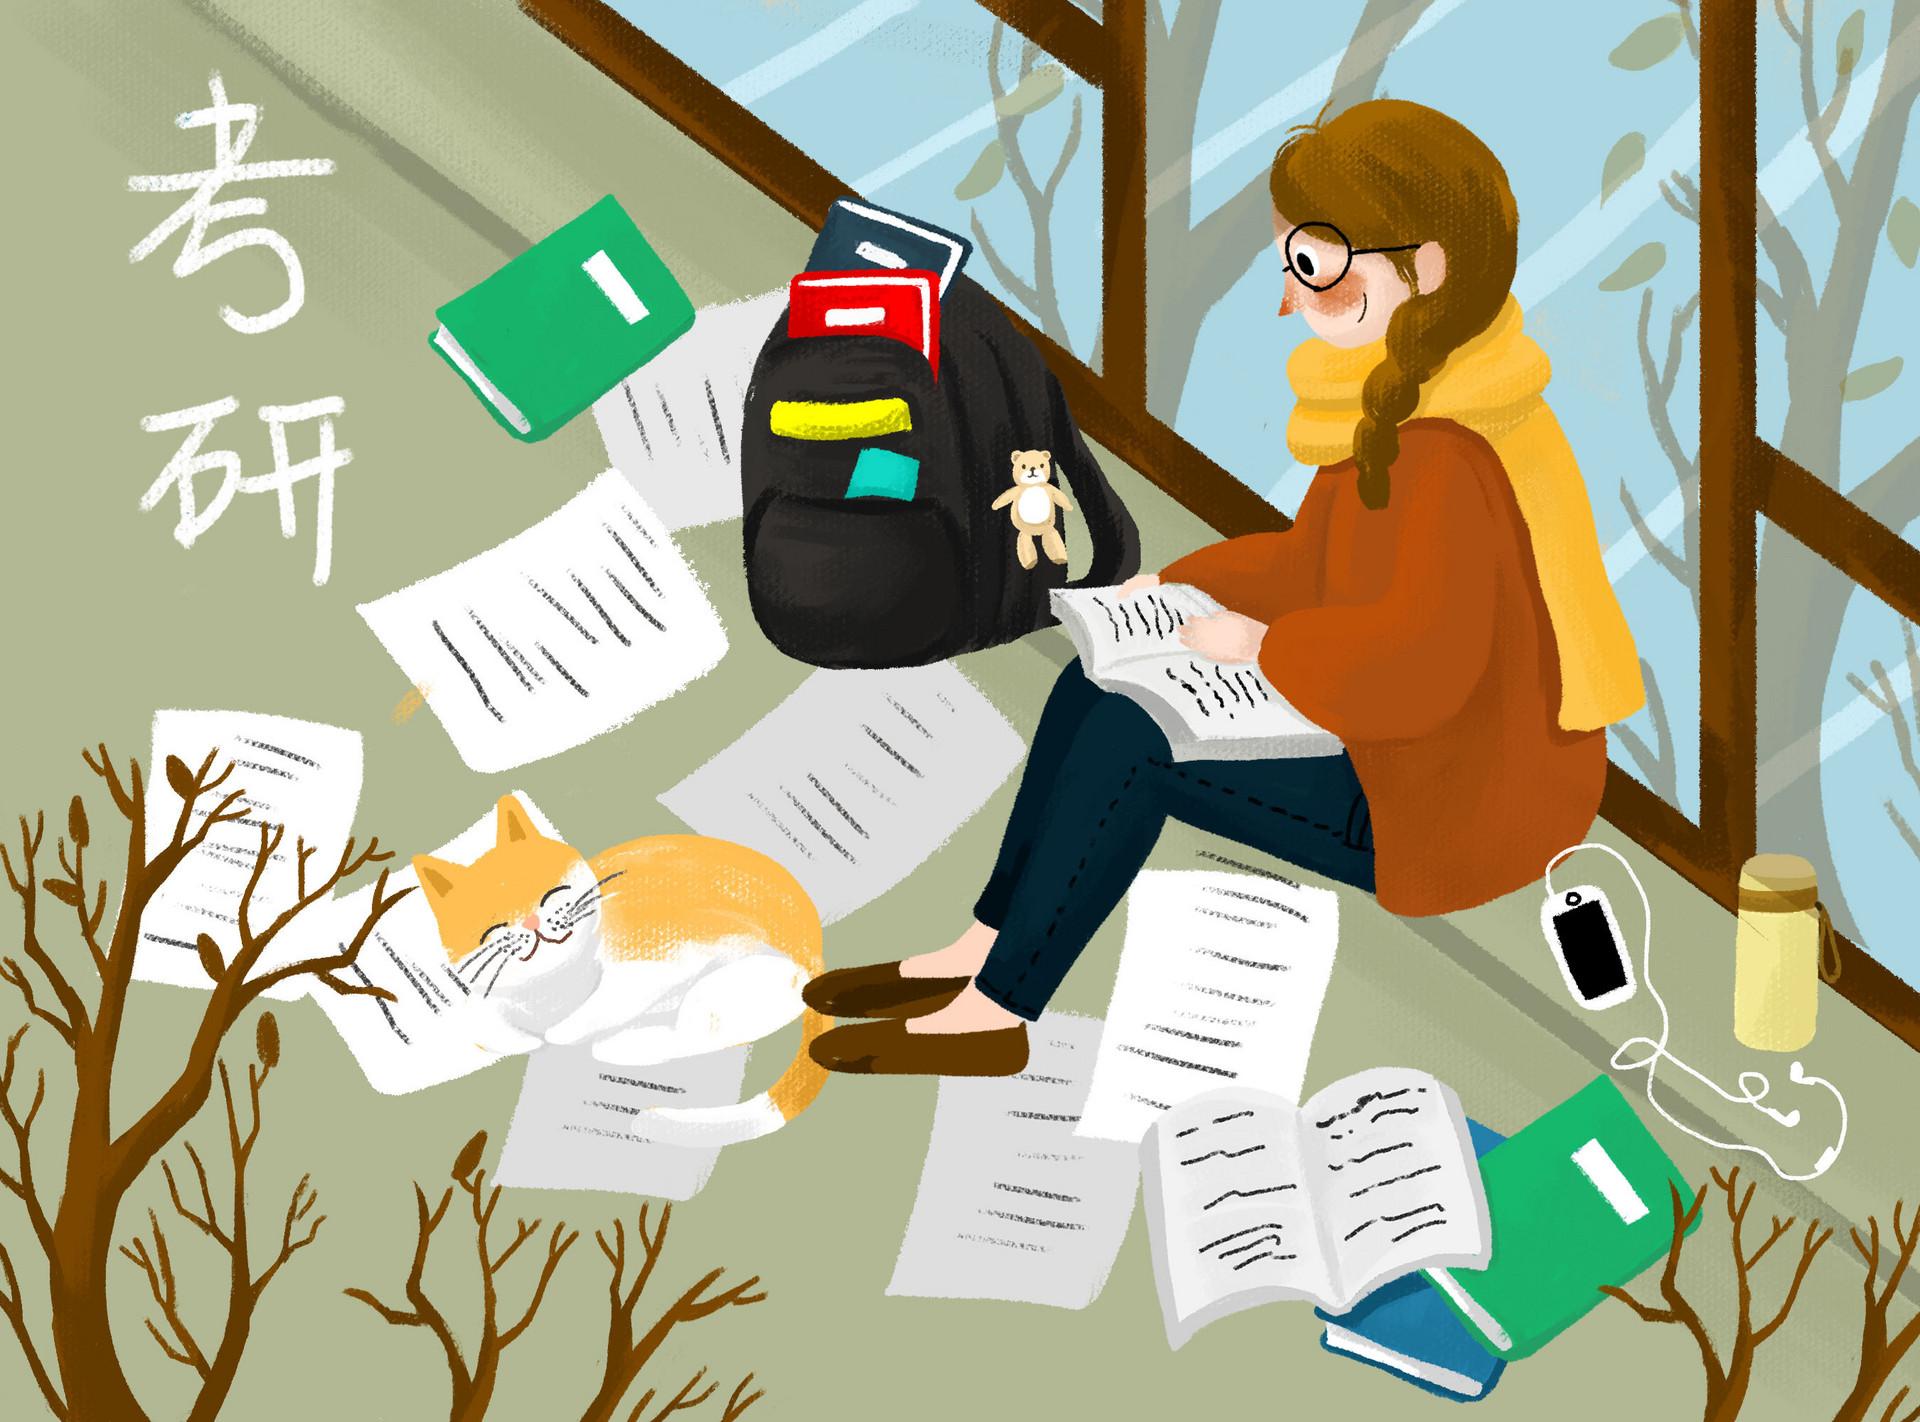 四川师范大学在职研究生就业前景